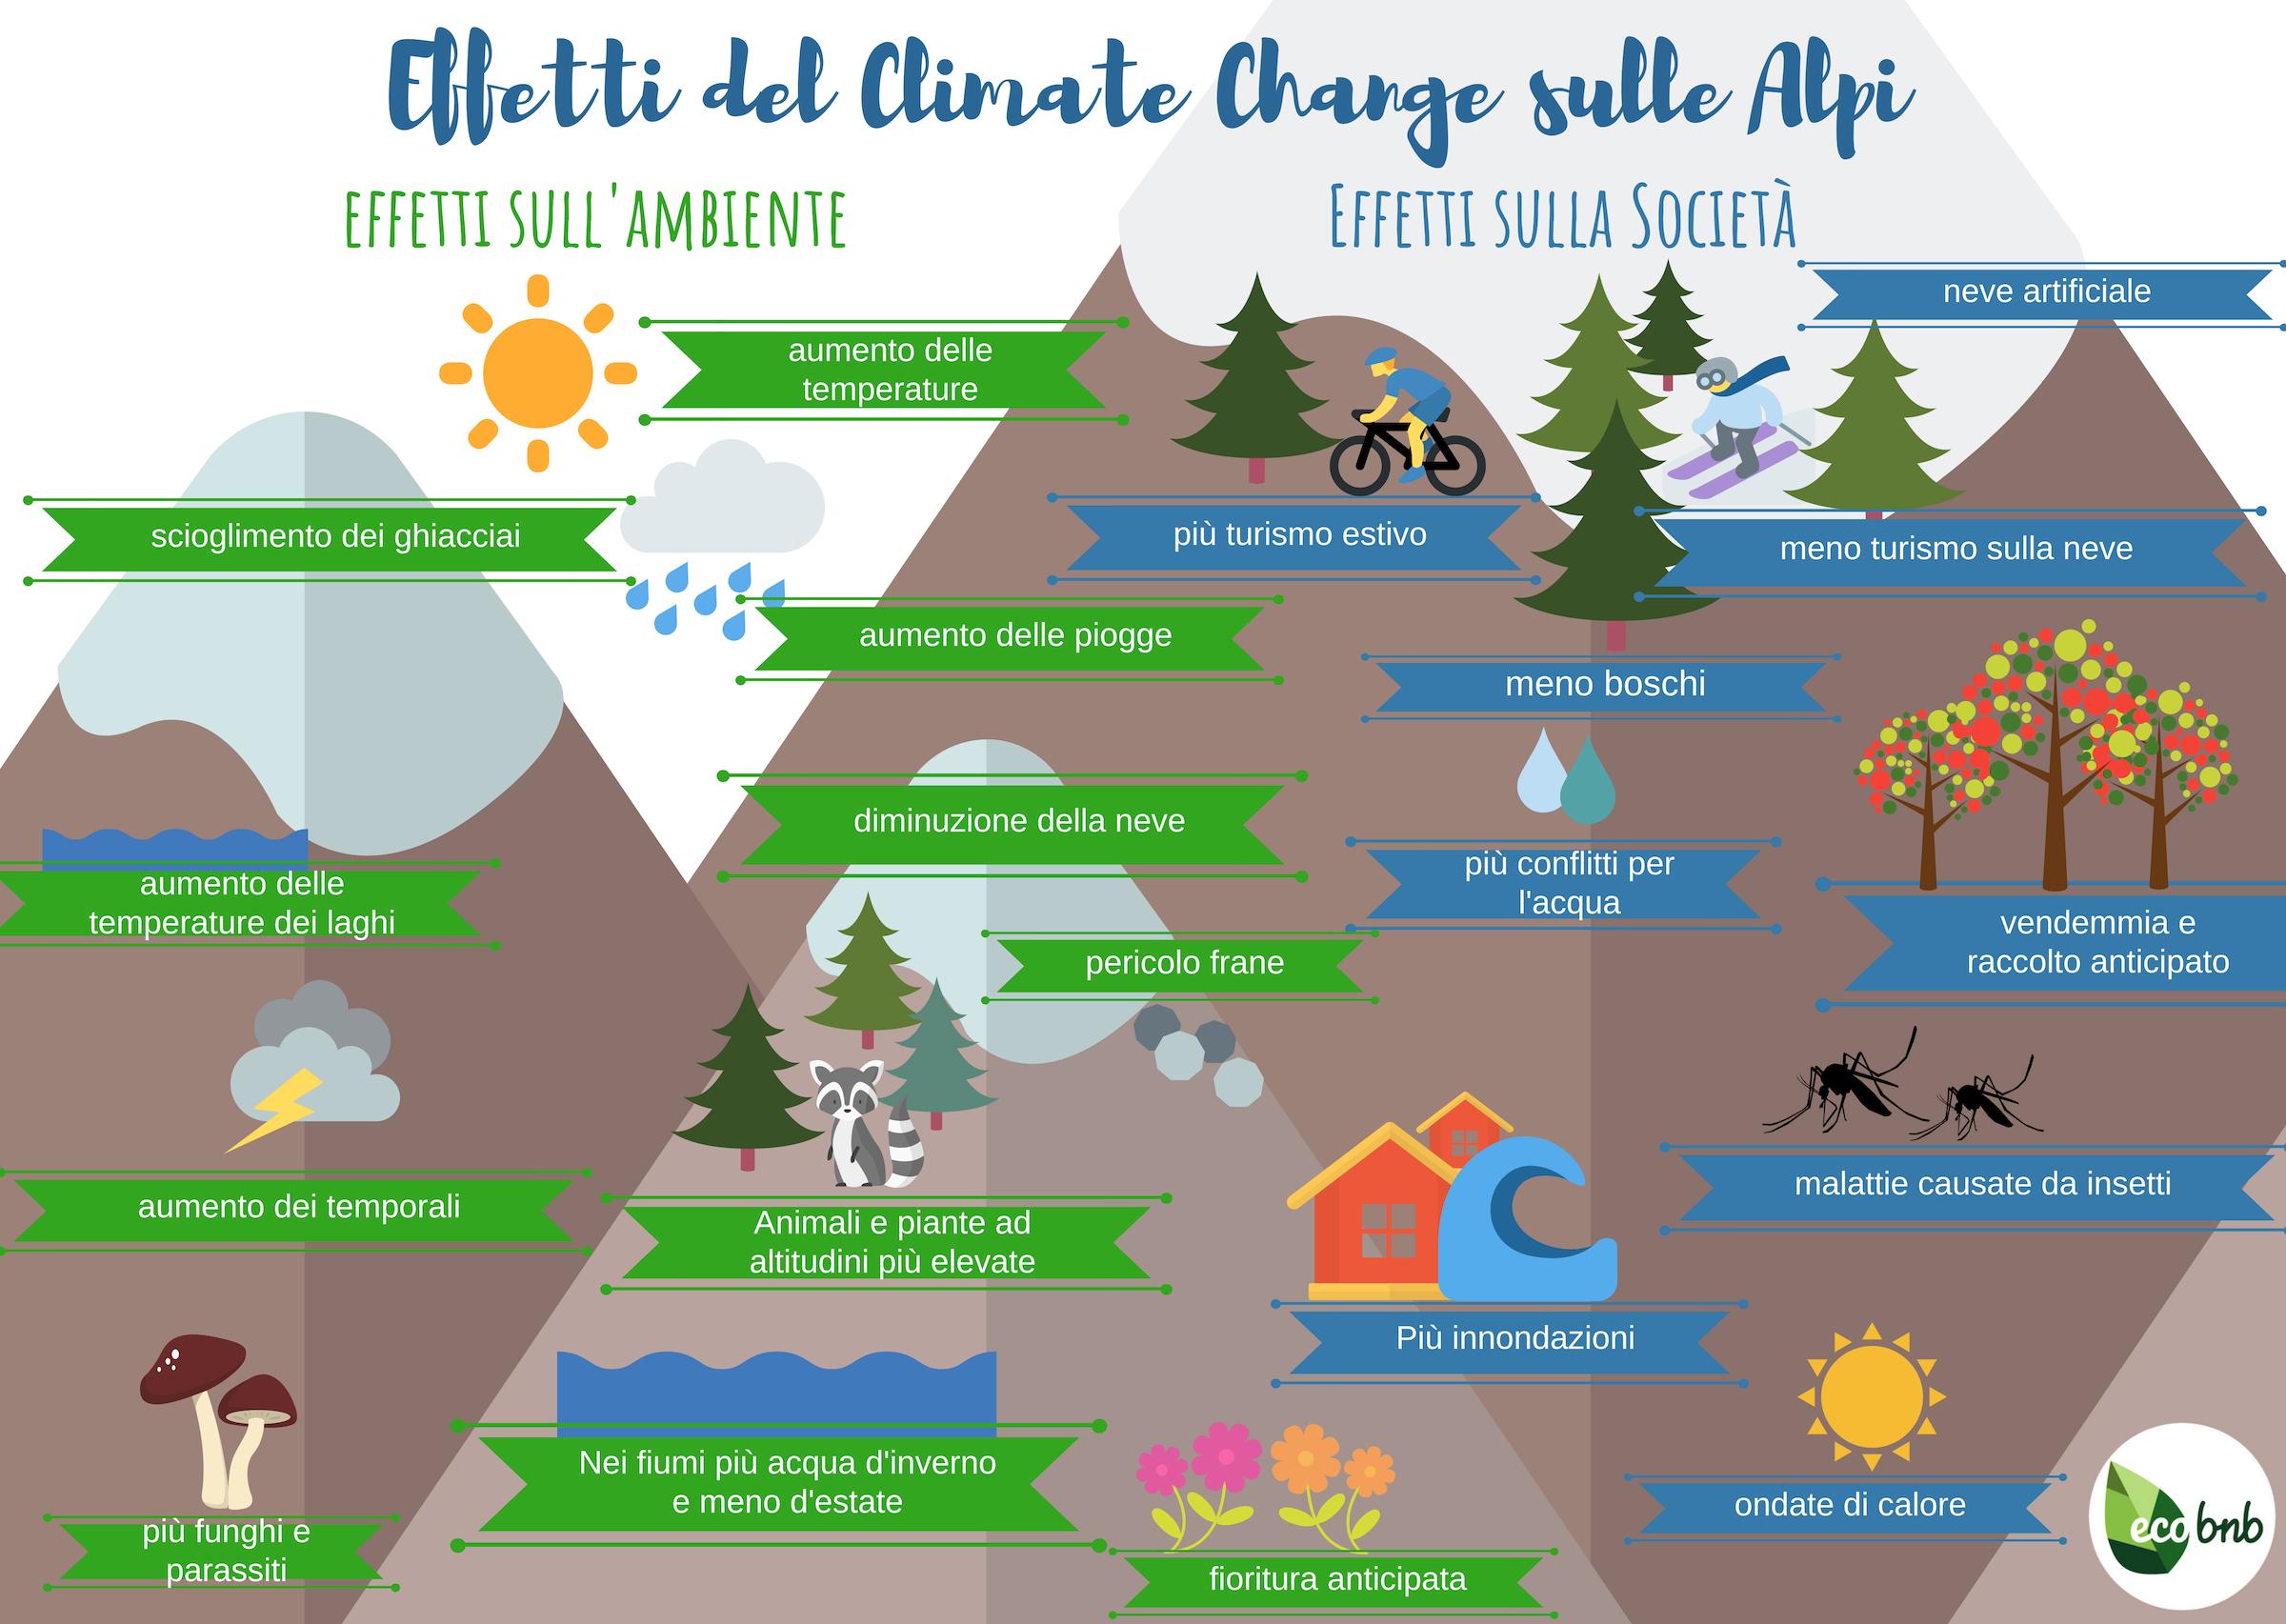 Come i cambiamenti climatici influenzeranno l'economia e l'ambiente Alpino